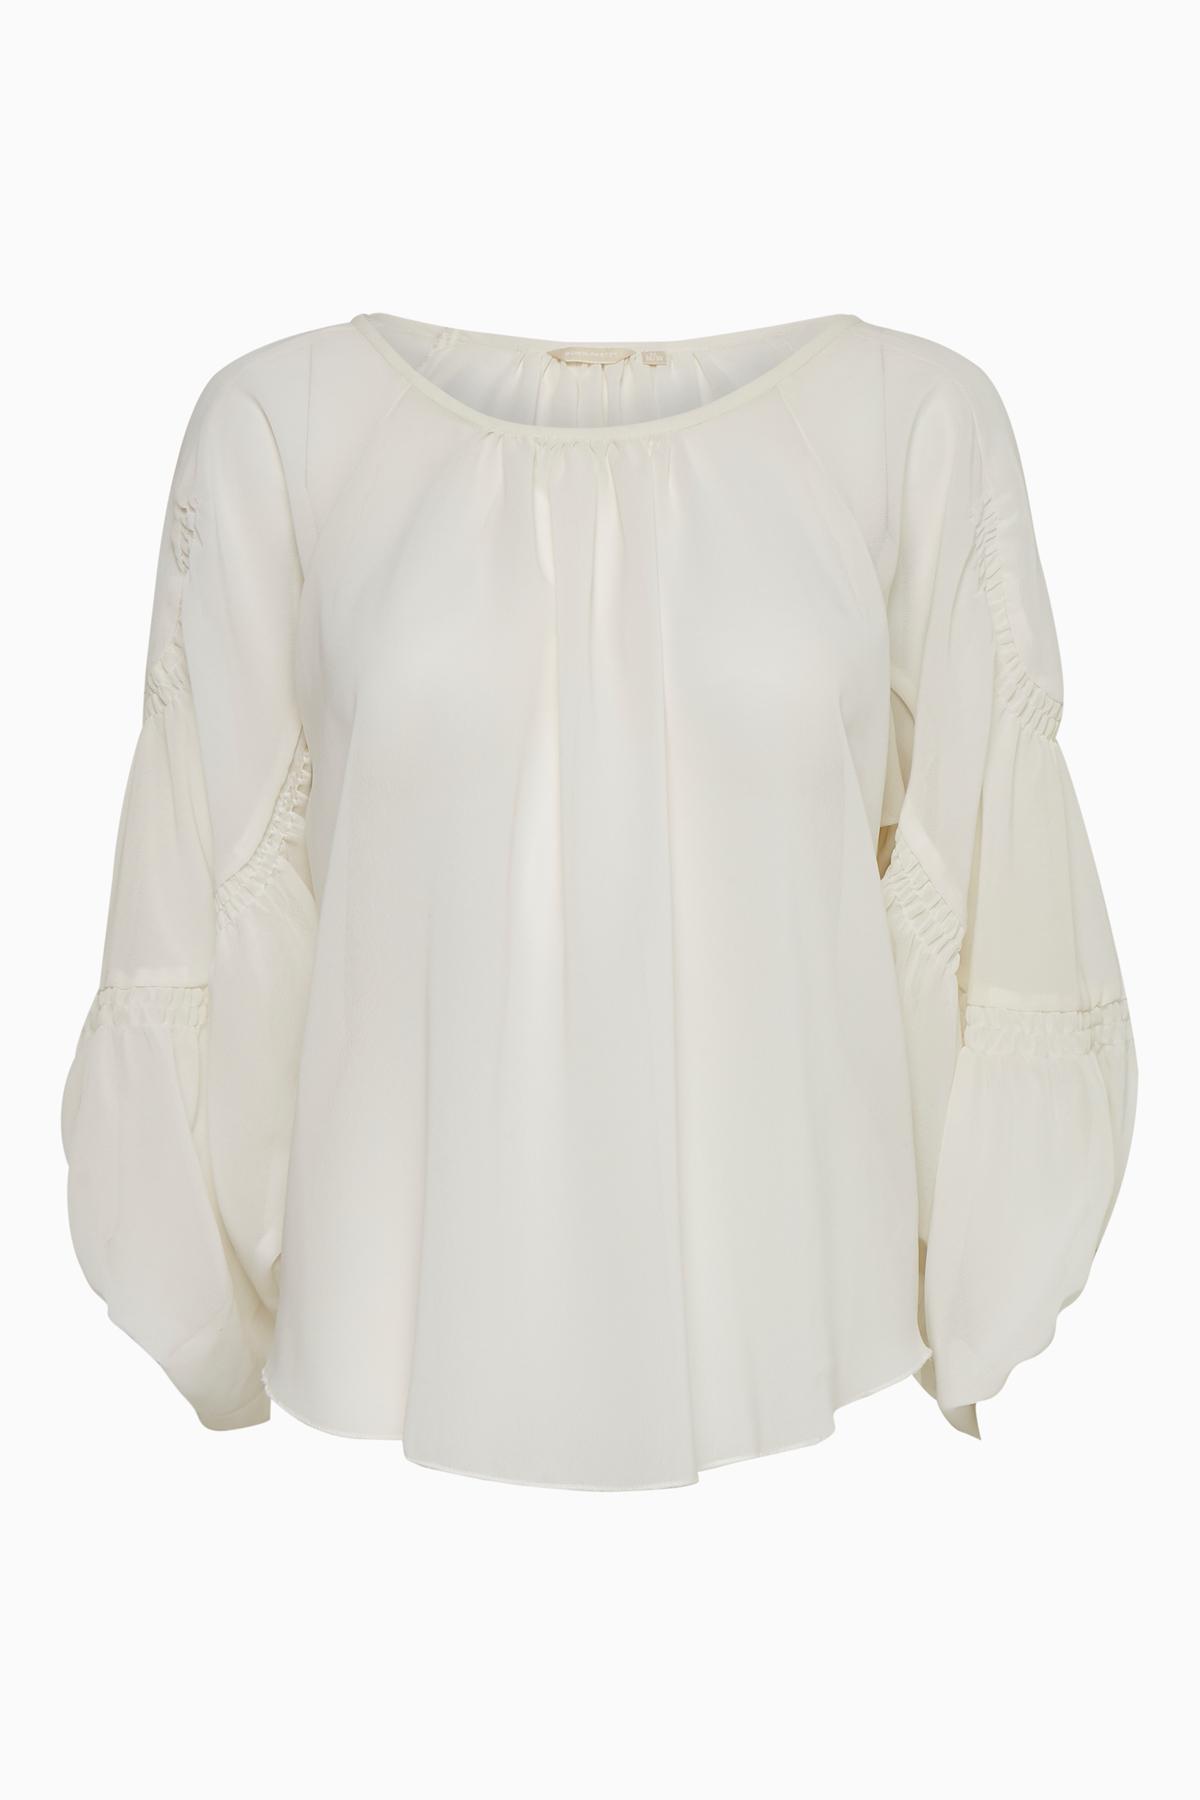 Image of BonA Parte Dame Langærmet bluse - Off-white